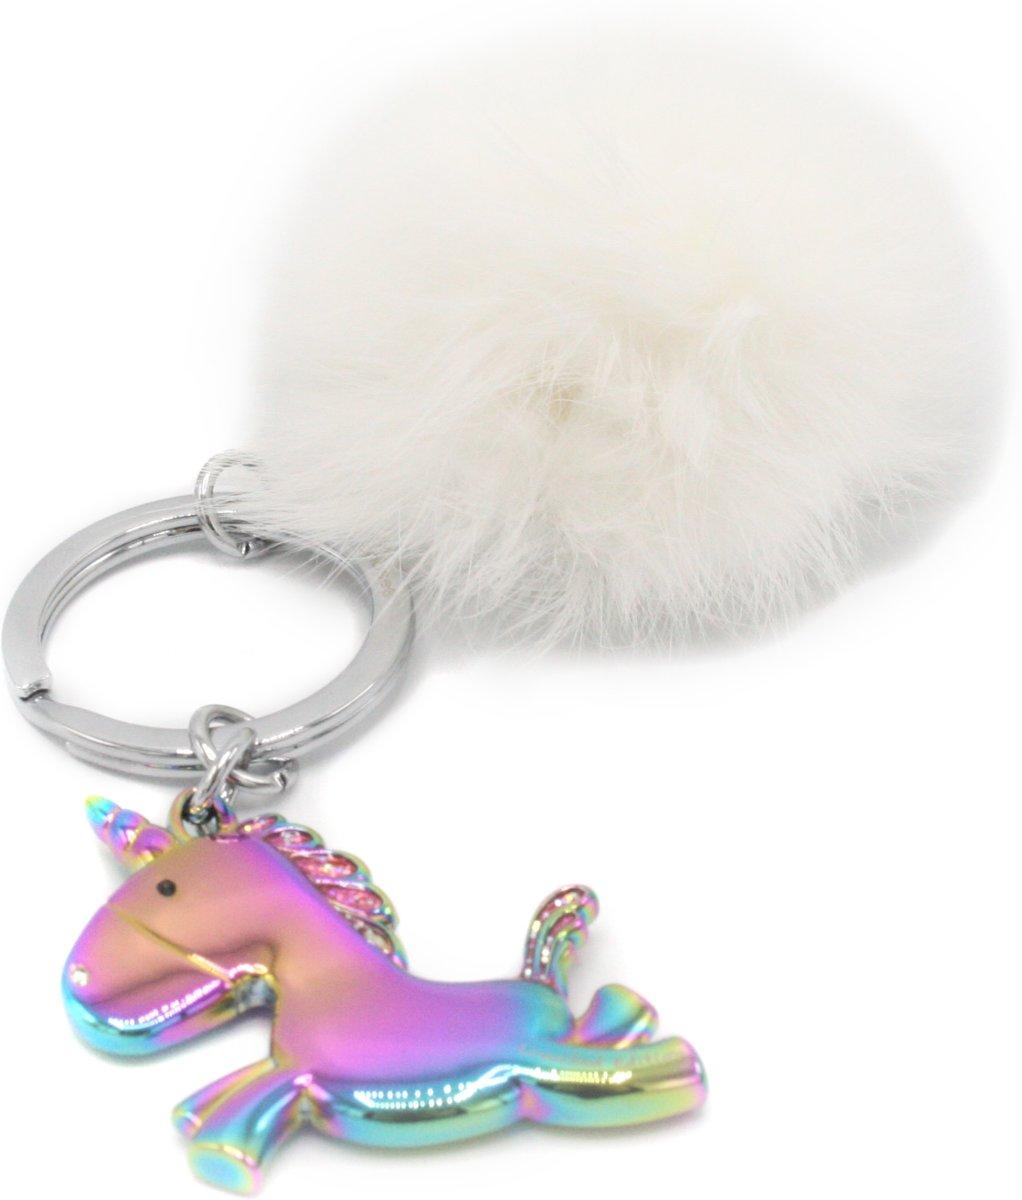 caddc9f3d3b bol.com | Eenhoorn Sleutelhanger Limited Edition met diamantjes en  Pluizenbol, RMEX | Speelgoed